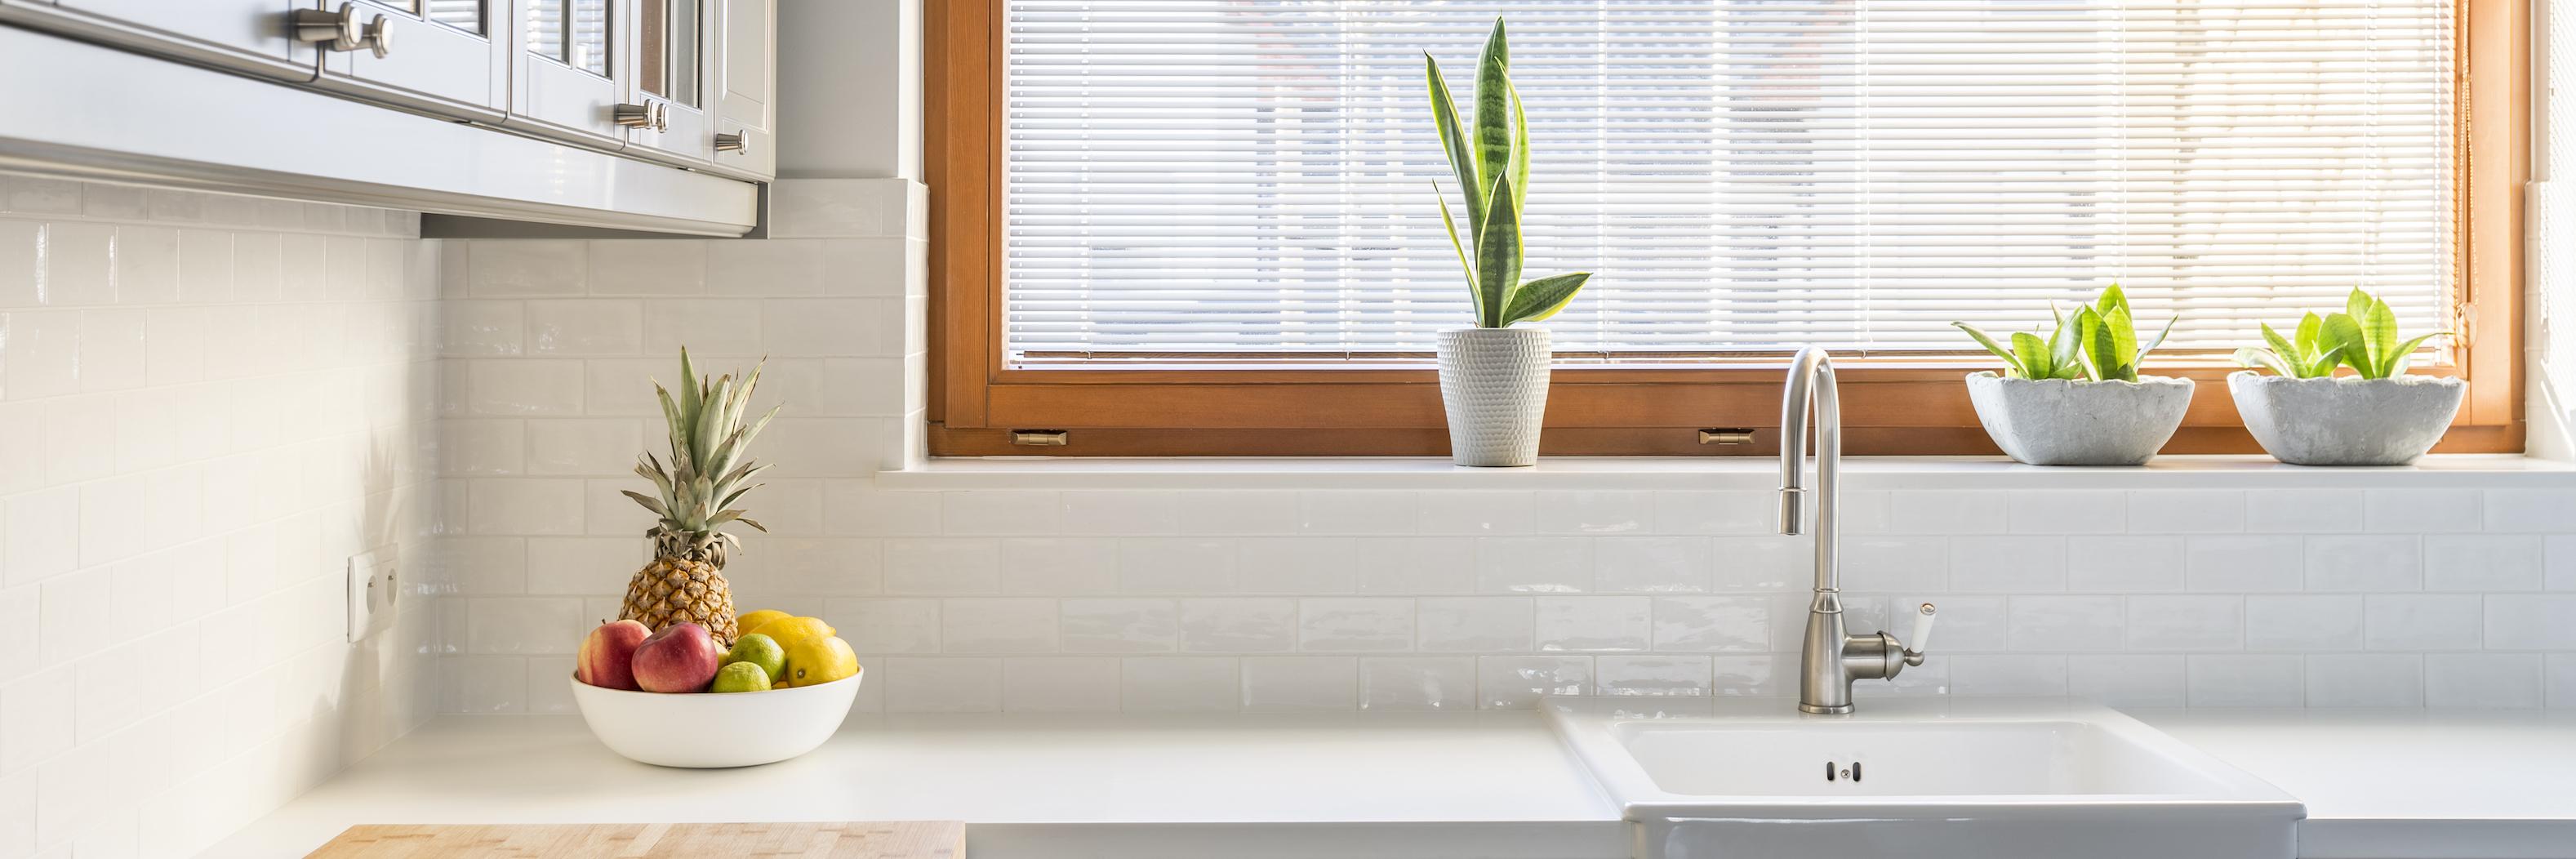 ventana-de-cocina-blanca-estilo-nordico-cuida-la-luz-y-combina-con-materias-naturales-como-el-hogar-sostenible